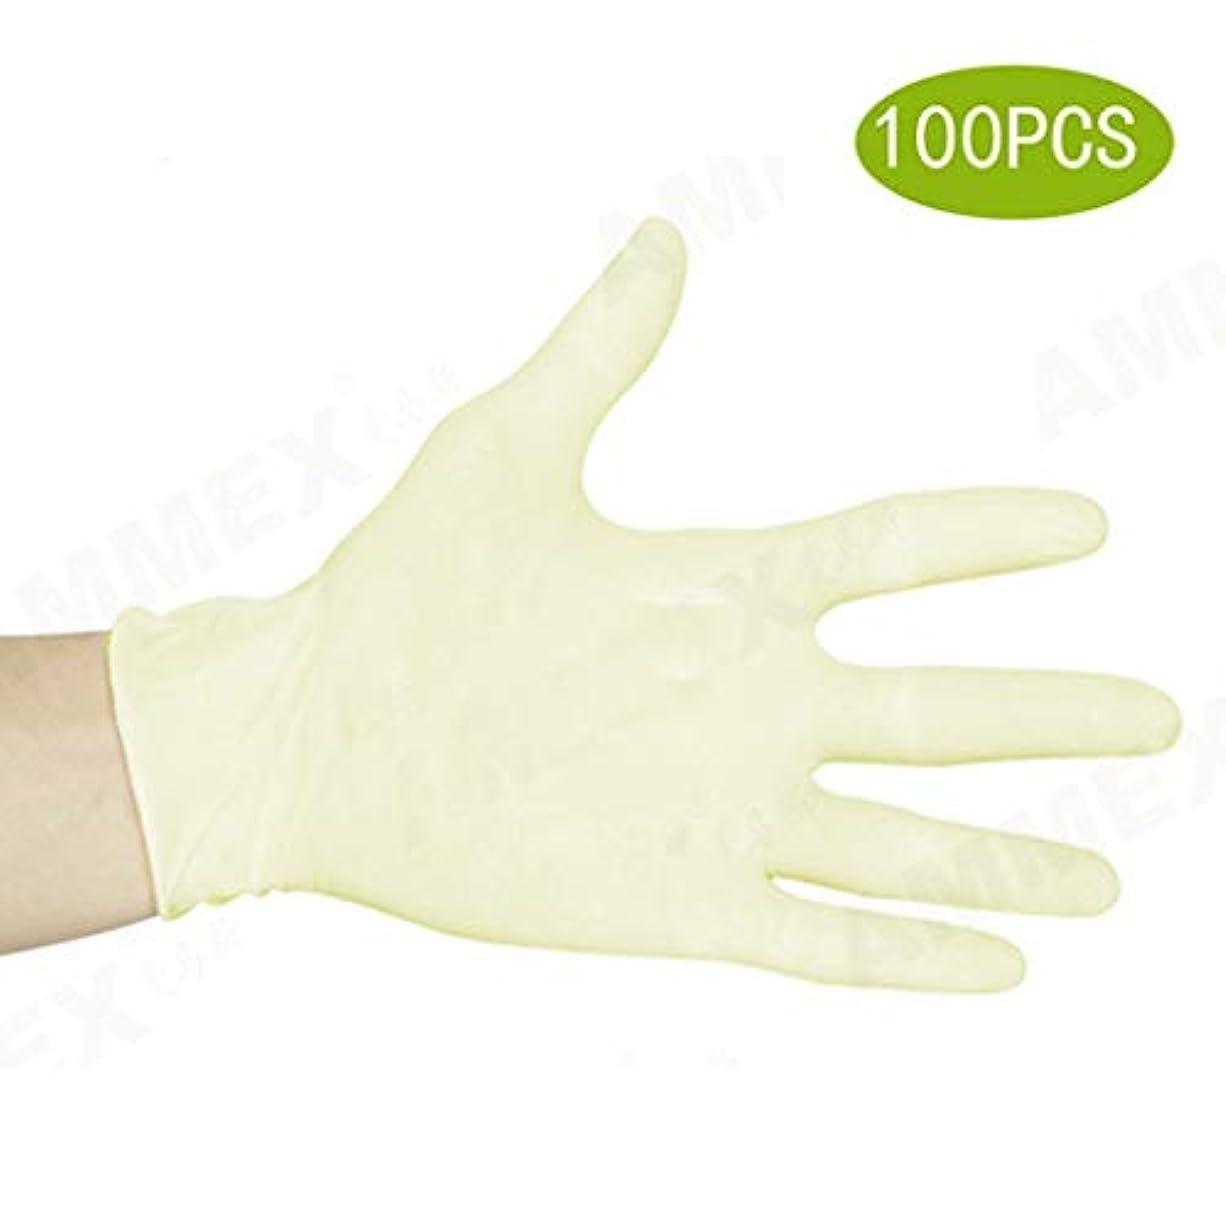 グループ破壊的地上でニトリル手袋、パウダーフリー、ラテックスゴムフリー、使い捨て手袋 - 非滅菌、食品安全、医療用グレード、100の便利なディスペンサーパック、ビニール手袋(エクストラストレングス) (Color : Latex Gloves...